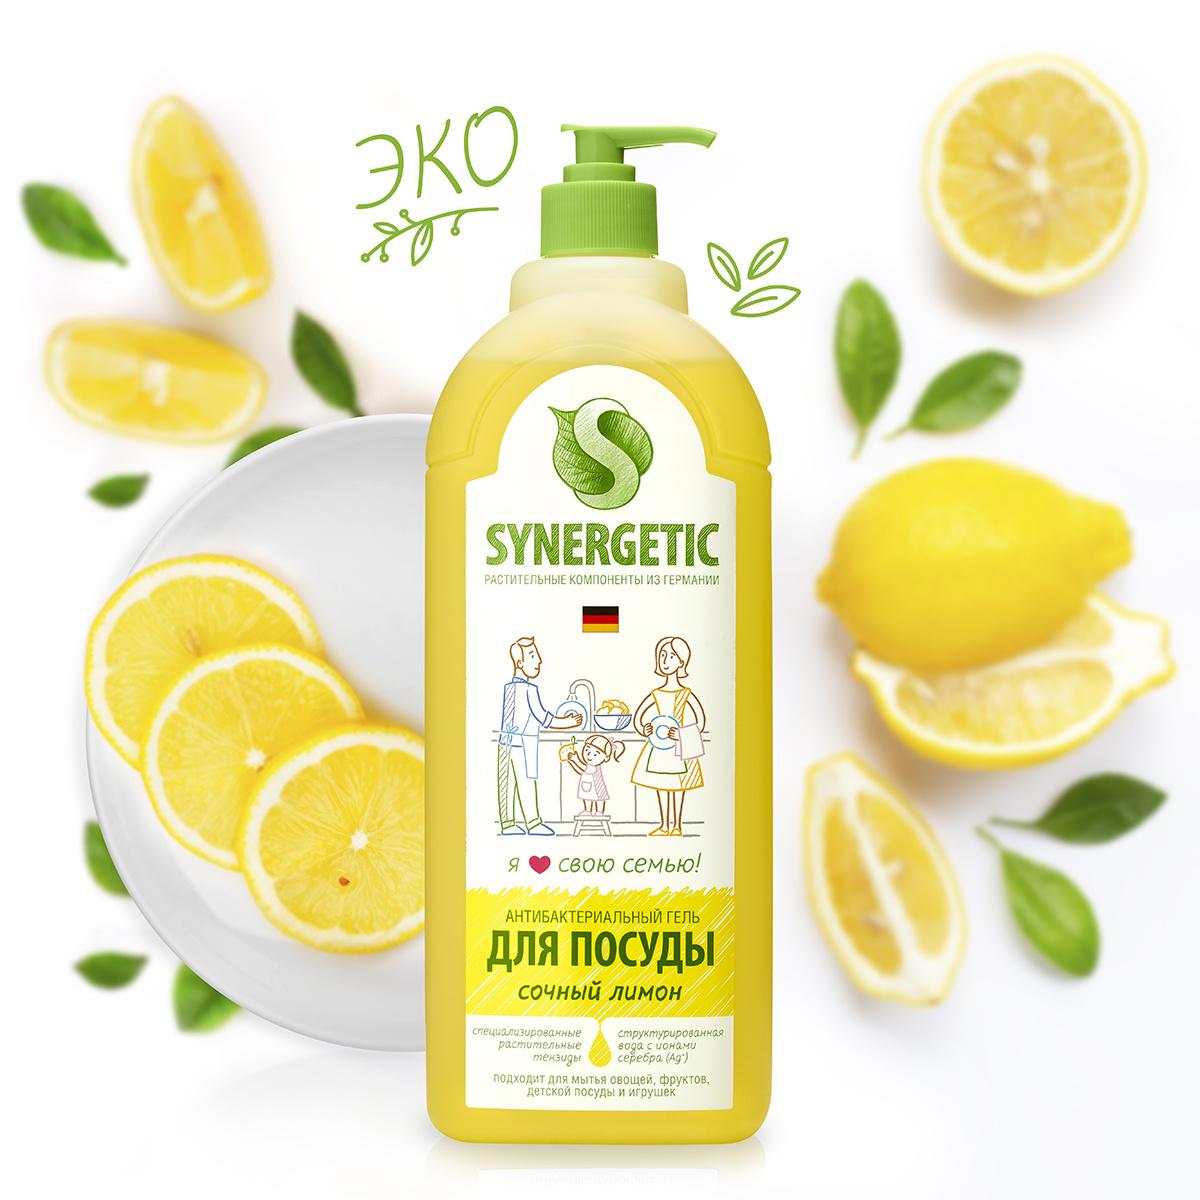 Гель для мытья посуды, овощей и фруктов Synergetic, антибактериальный, биоразлагаемый, с ароматом лимона, #1